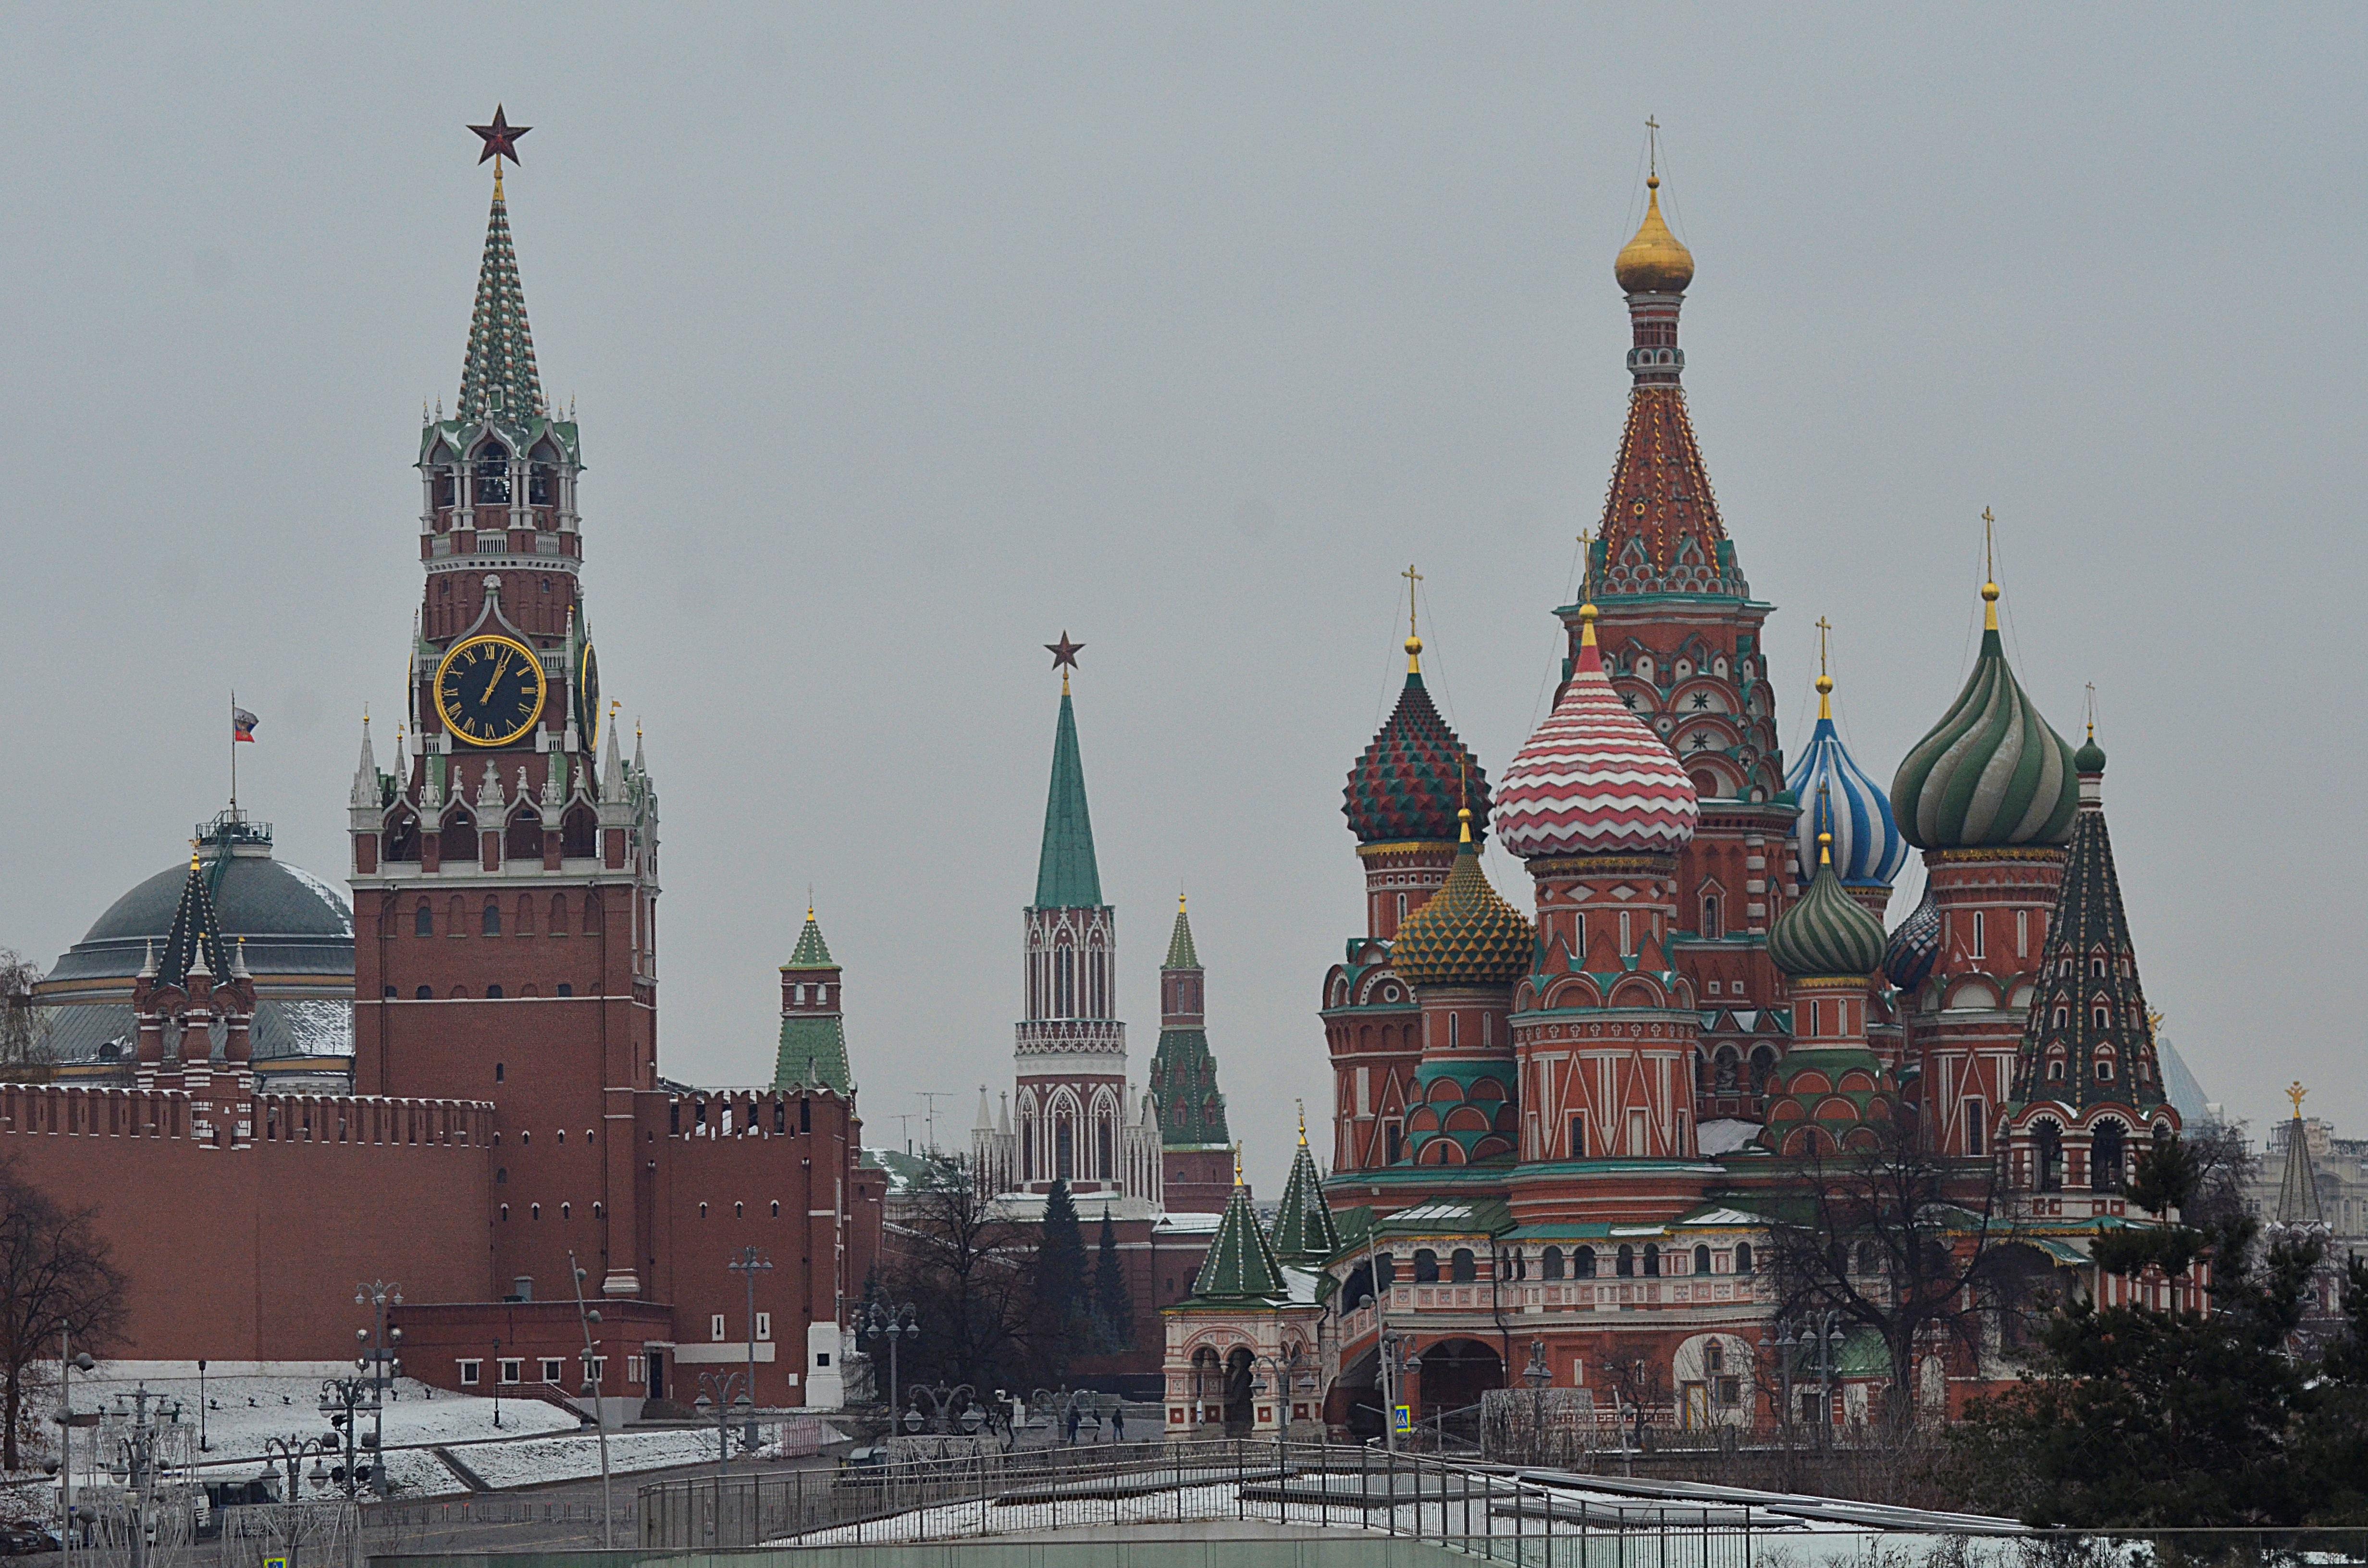 Привиться от коронавируса можно будет на Красной площади. Фото: Анна Быкова